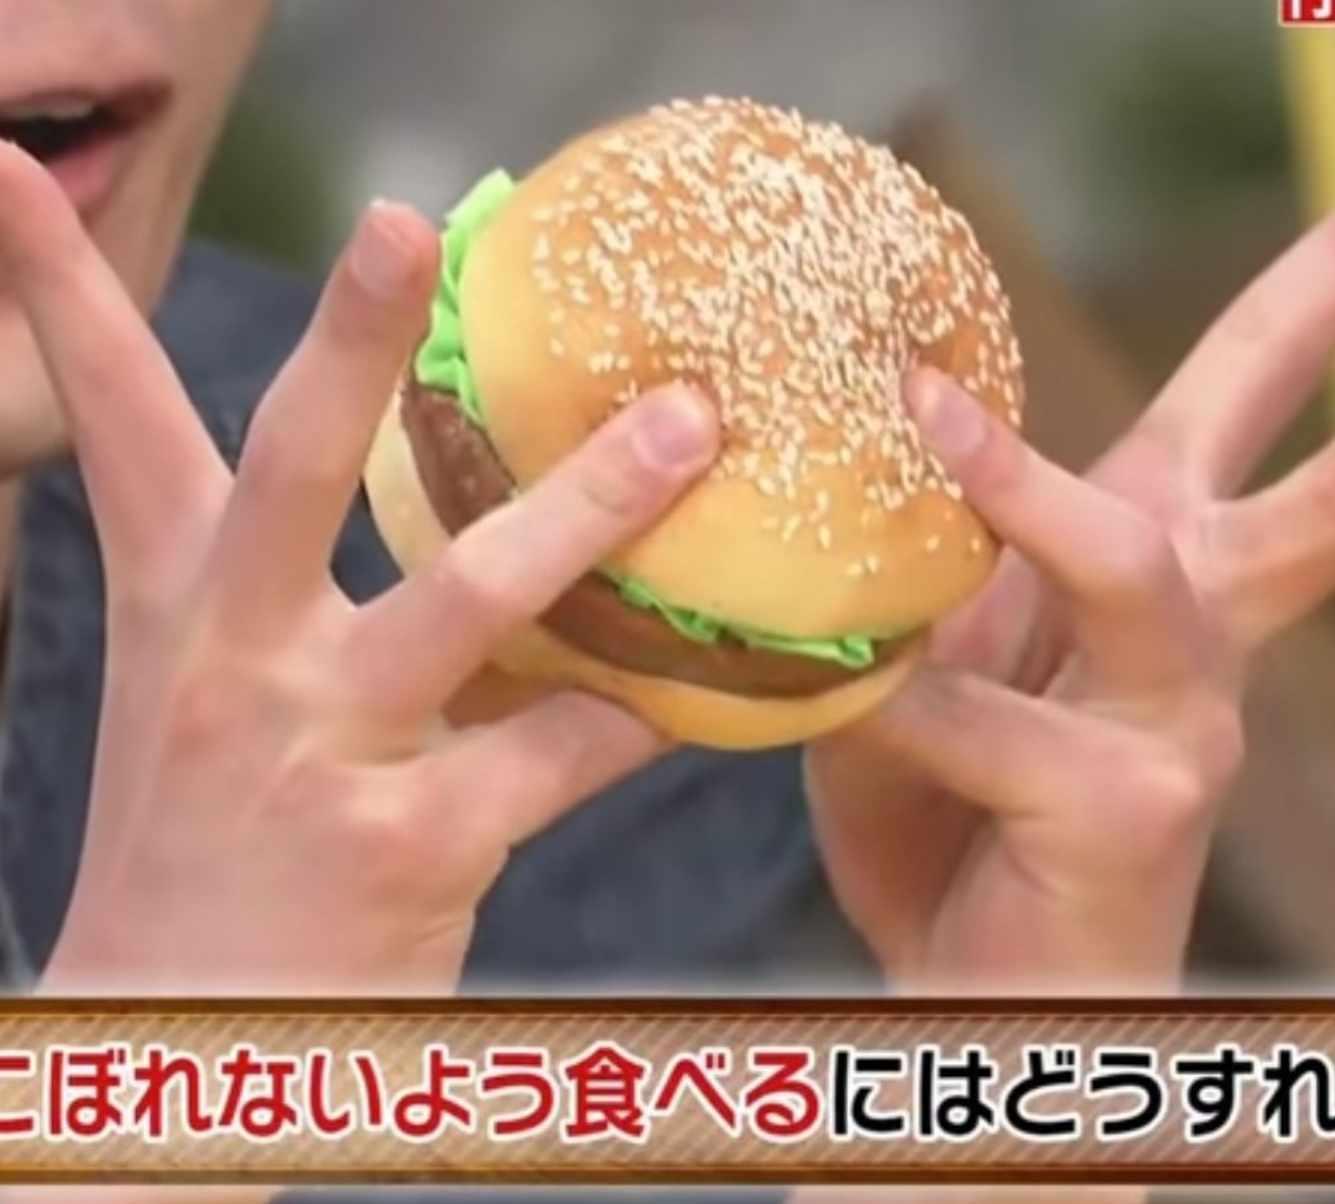 햄버거 깔끔하게 먹는 꿀팁3.jpg